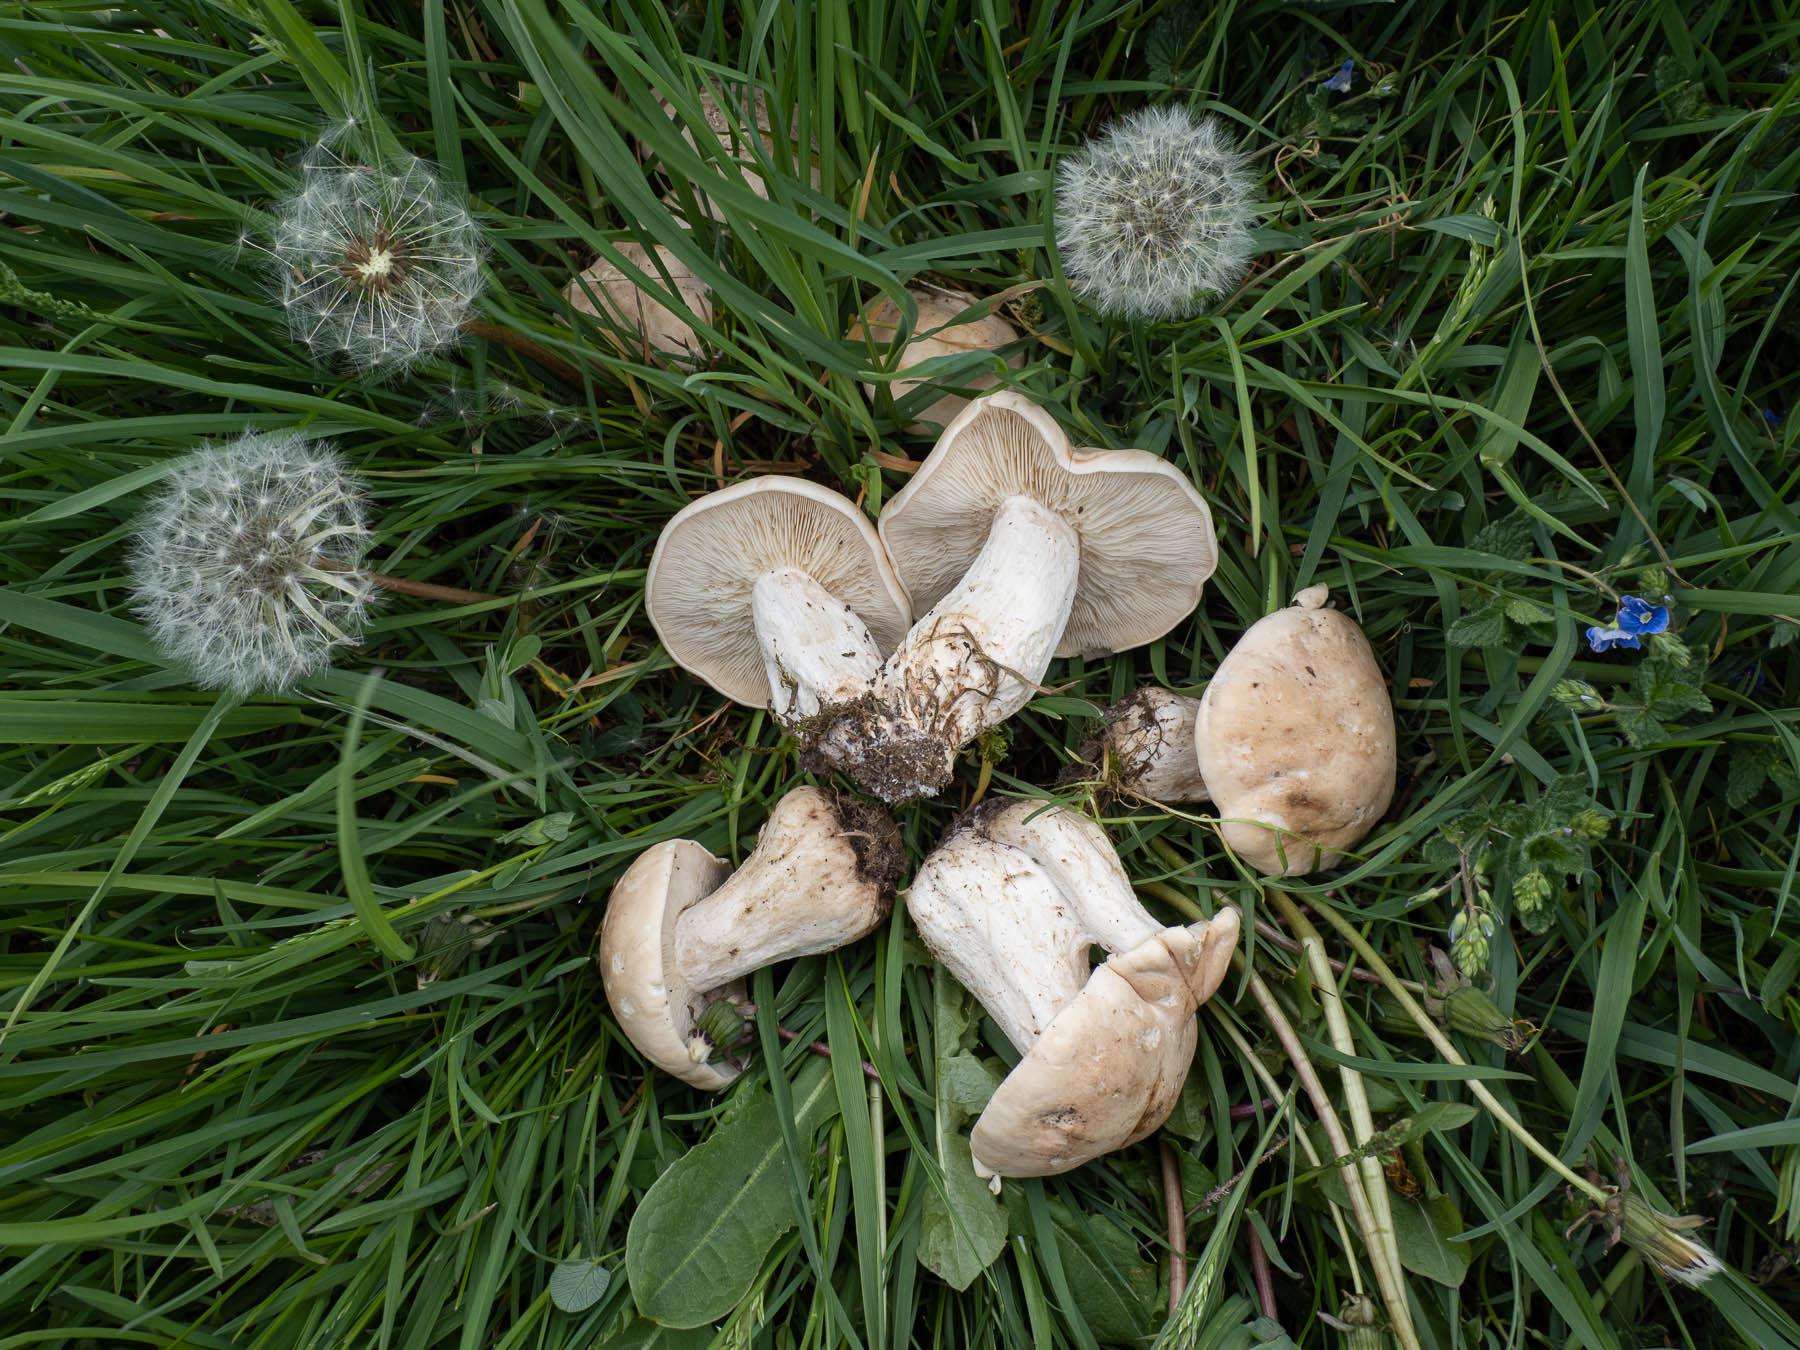 Калоцибе майский (Calocybe gambosa) или рядовка майская. Найдены на овечьем пастбище в природном парке Görvälns naturreservat в мае 2020 года. Грибы росли образуя большие ведьмины круги, хорошо заметные по траве более тёмного цвета. Автор фото: Сутормина Марина